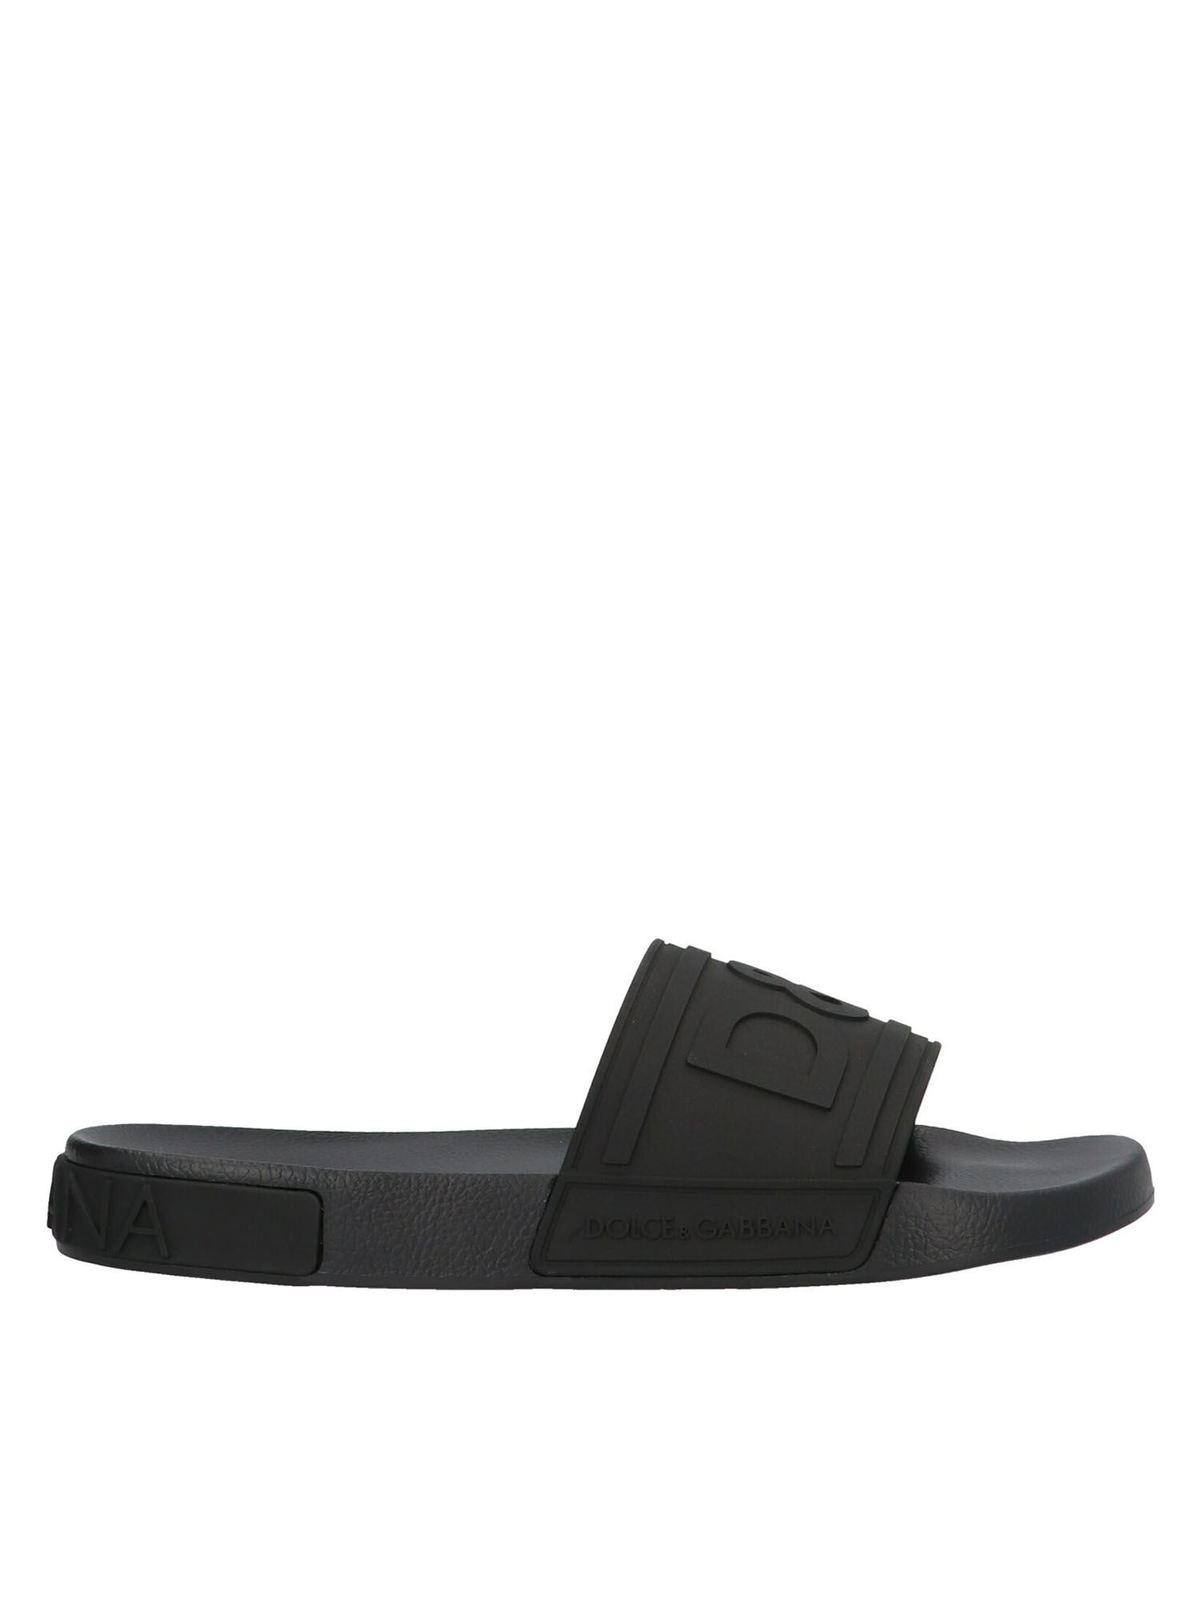 Dolce & Gabbana DG LOGO SLIPPERS IN BLACK